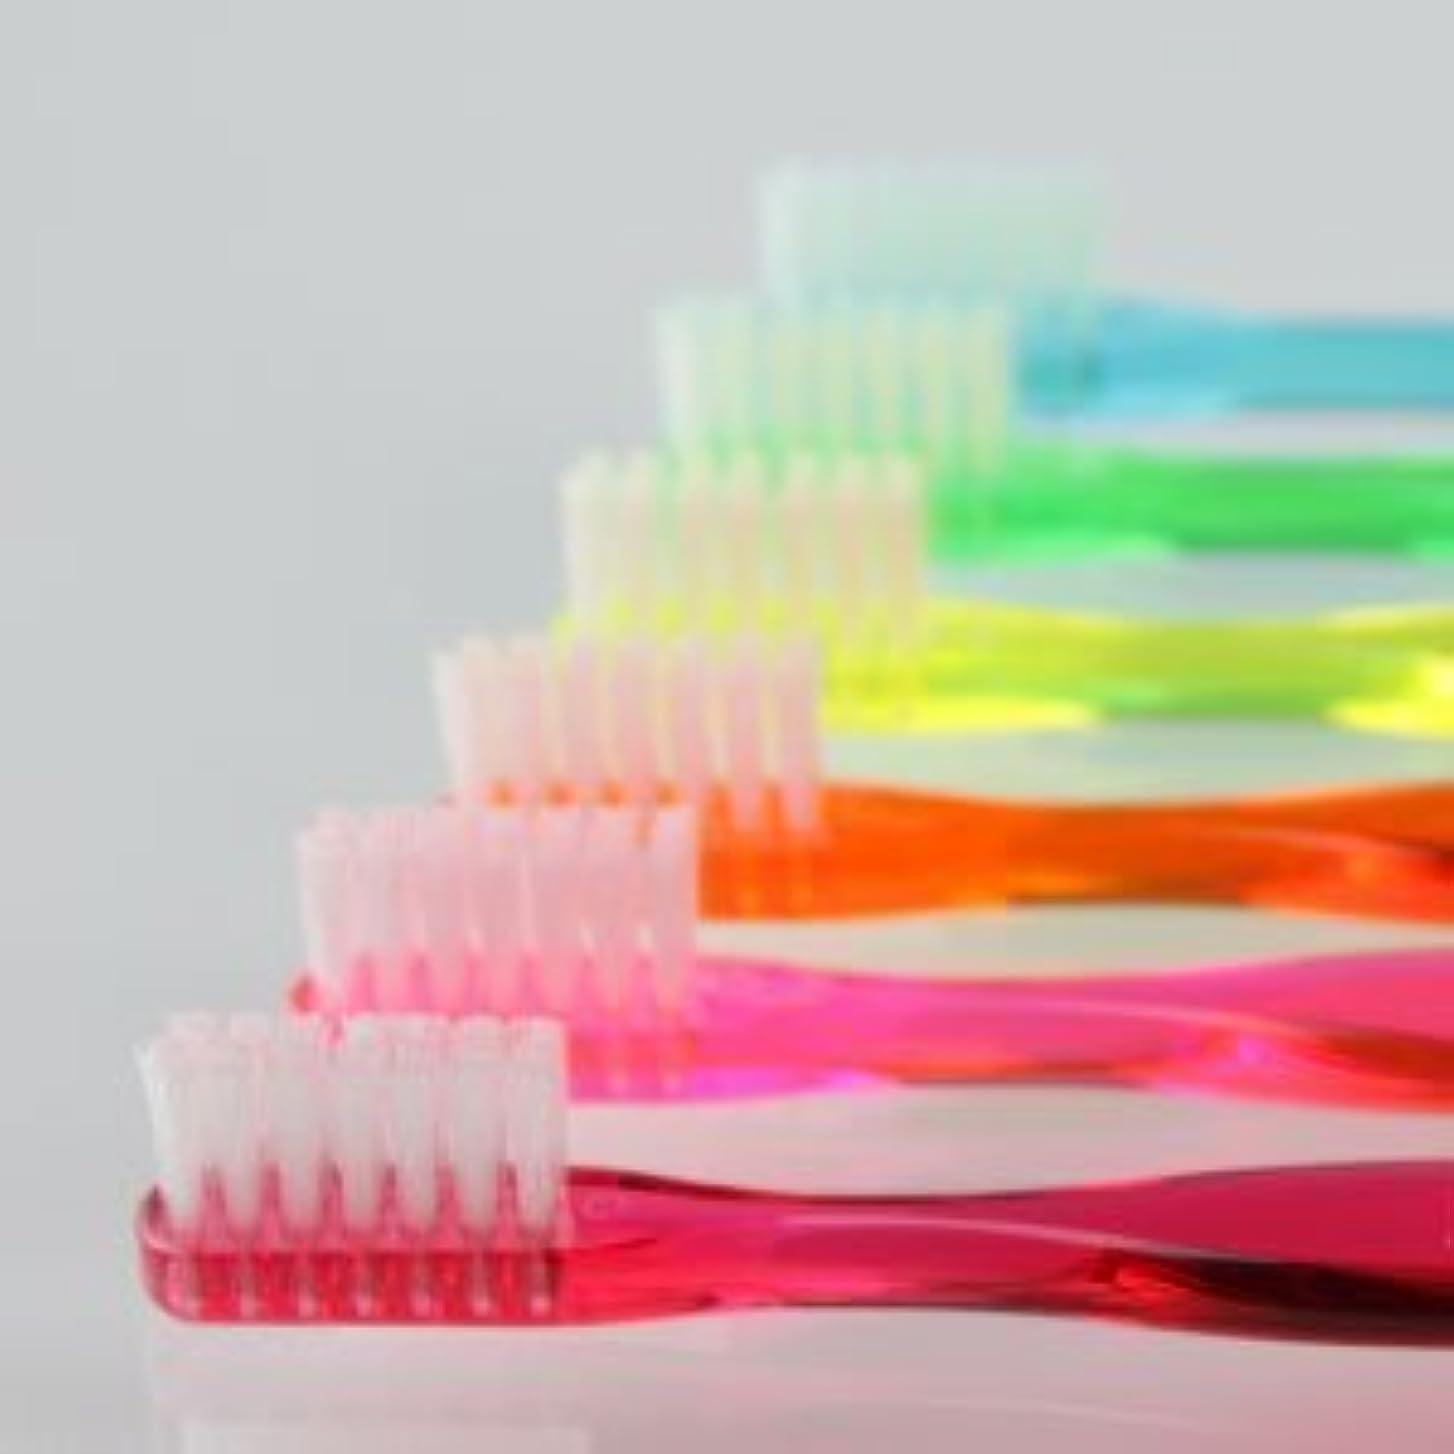 考えた優れた集中サムフレンド 歯ブラシ #20(ミニ) 6本 ※お色は当店お任せです